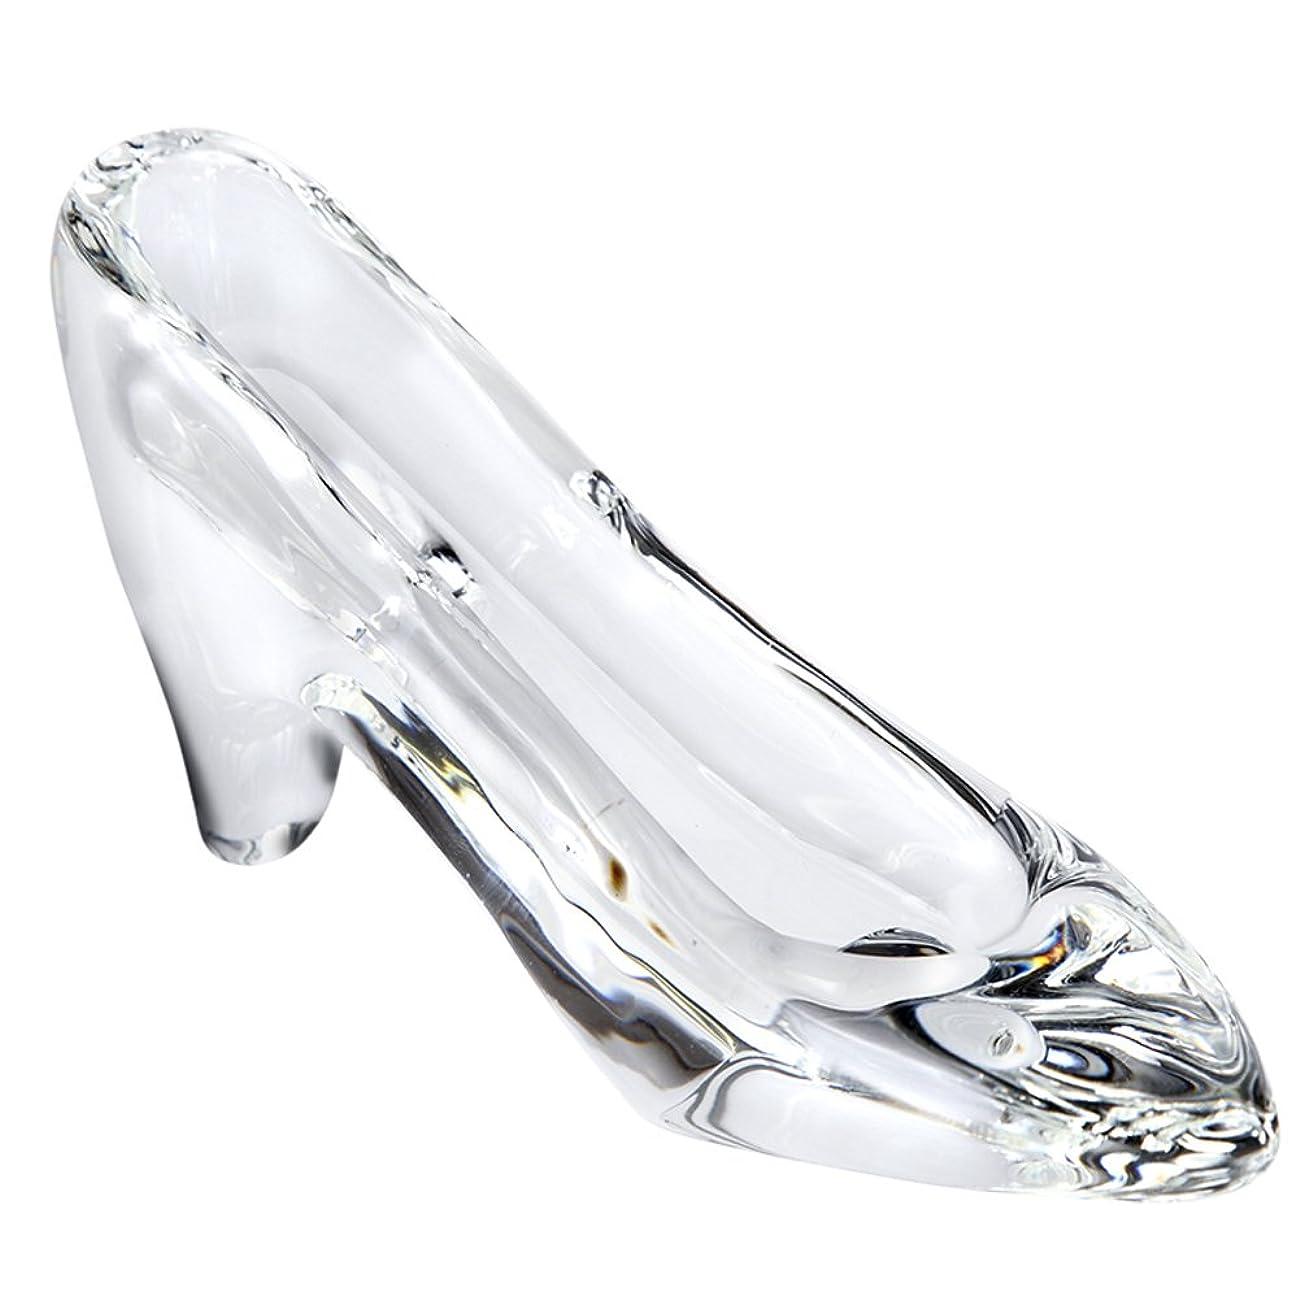 トランザクション表面的な担当者【Amazon.co.jp 限定】 TEATSIGHT ガラスの靴 ガラス製 透明 H 6.5cm D 13cm W 4cm ハイヒールS